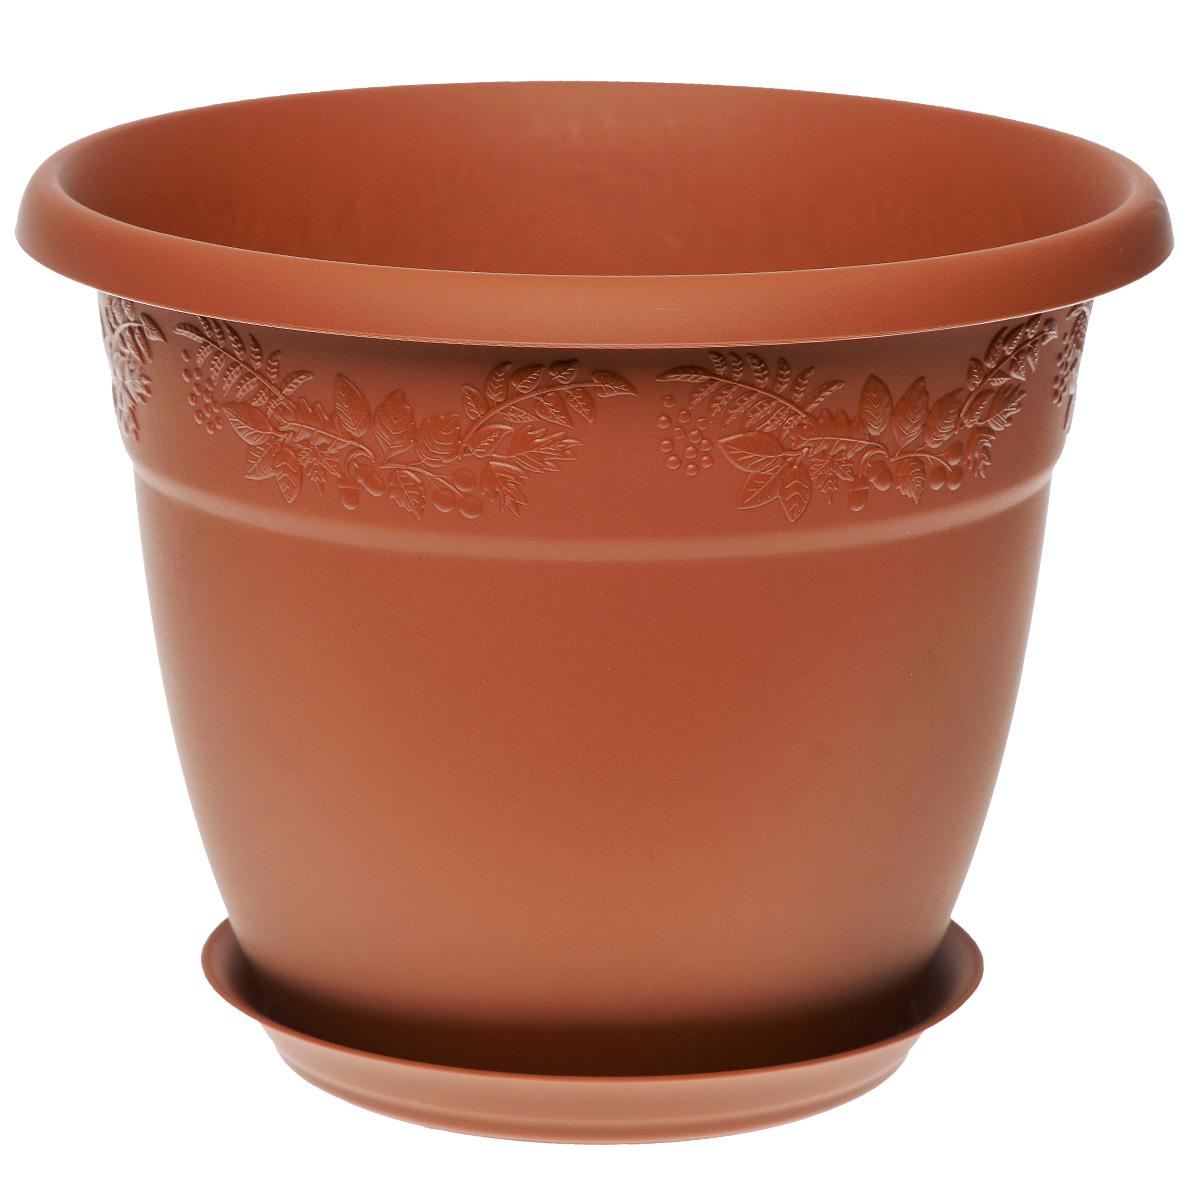 Кашпо Idea Рябина, с поддоном, цвет: терракотовый, 14,7 л531-102Кашпо Idea Рябина изготовлено из высококачественного полипропилена (пластика). Специальный поддон предназначен для стока воды. Изделие прекрасно подходит для выращивания растений и цветов в домашних условиях. Лаконичный дизайн впишется в интерьер любого помещения. Диаметр поддона: 24 см. Объем кашпо: 14,7 л.Диаметр кашпо по верхнему краю: 35 см.Высота кашпо: 28 см.